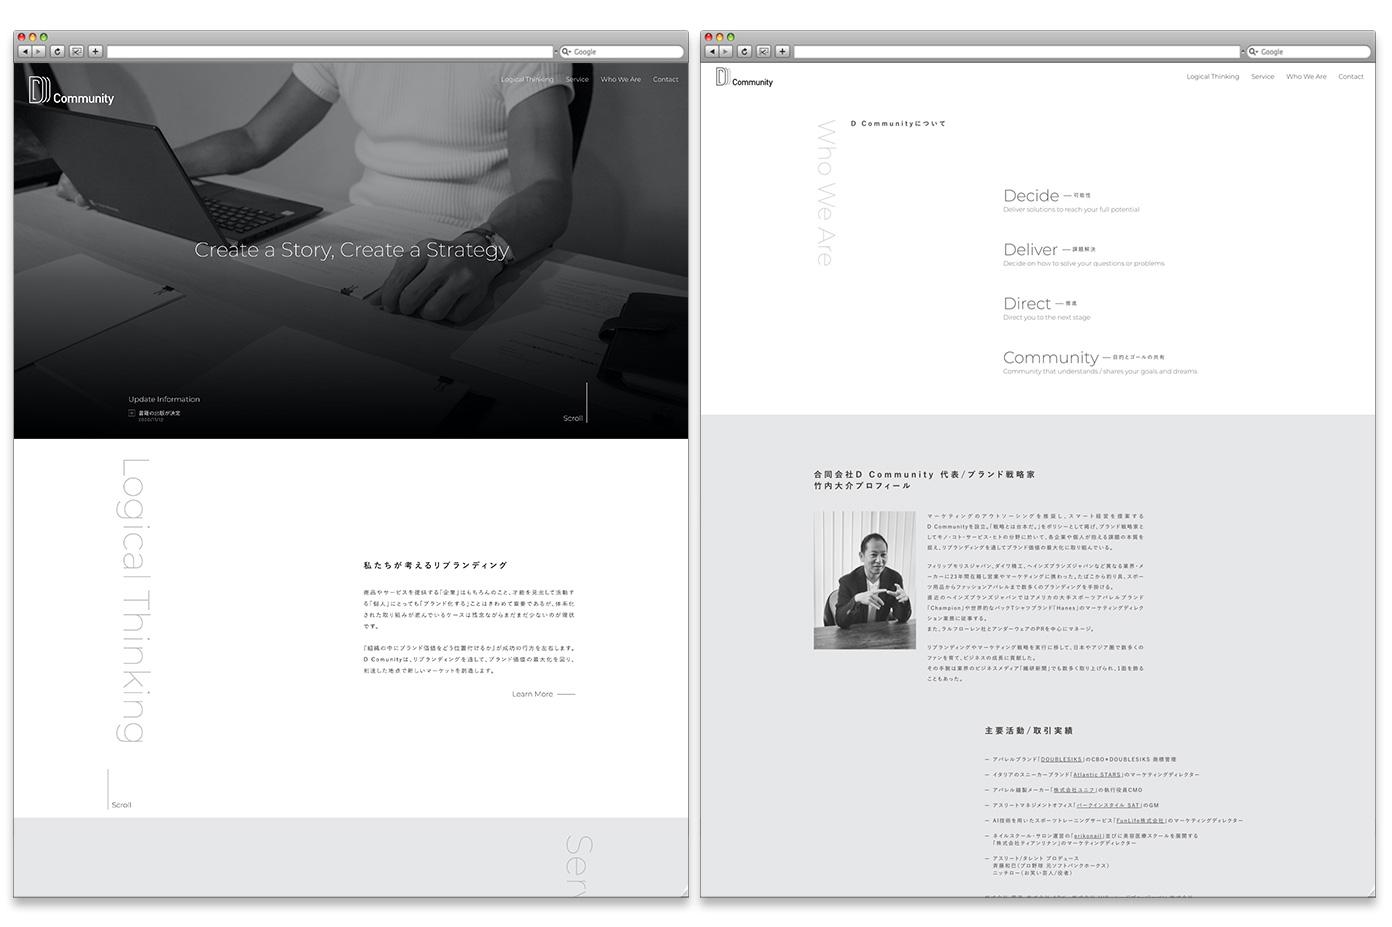 マーケティングコンサルティング会社 ホームページ制作事例